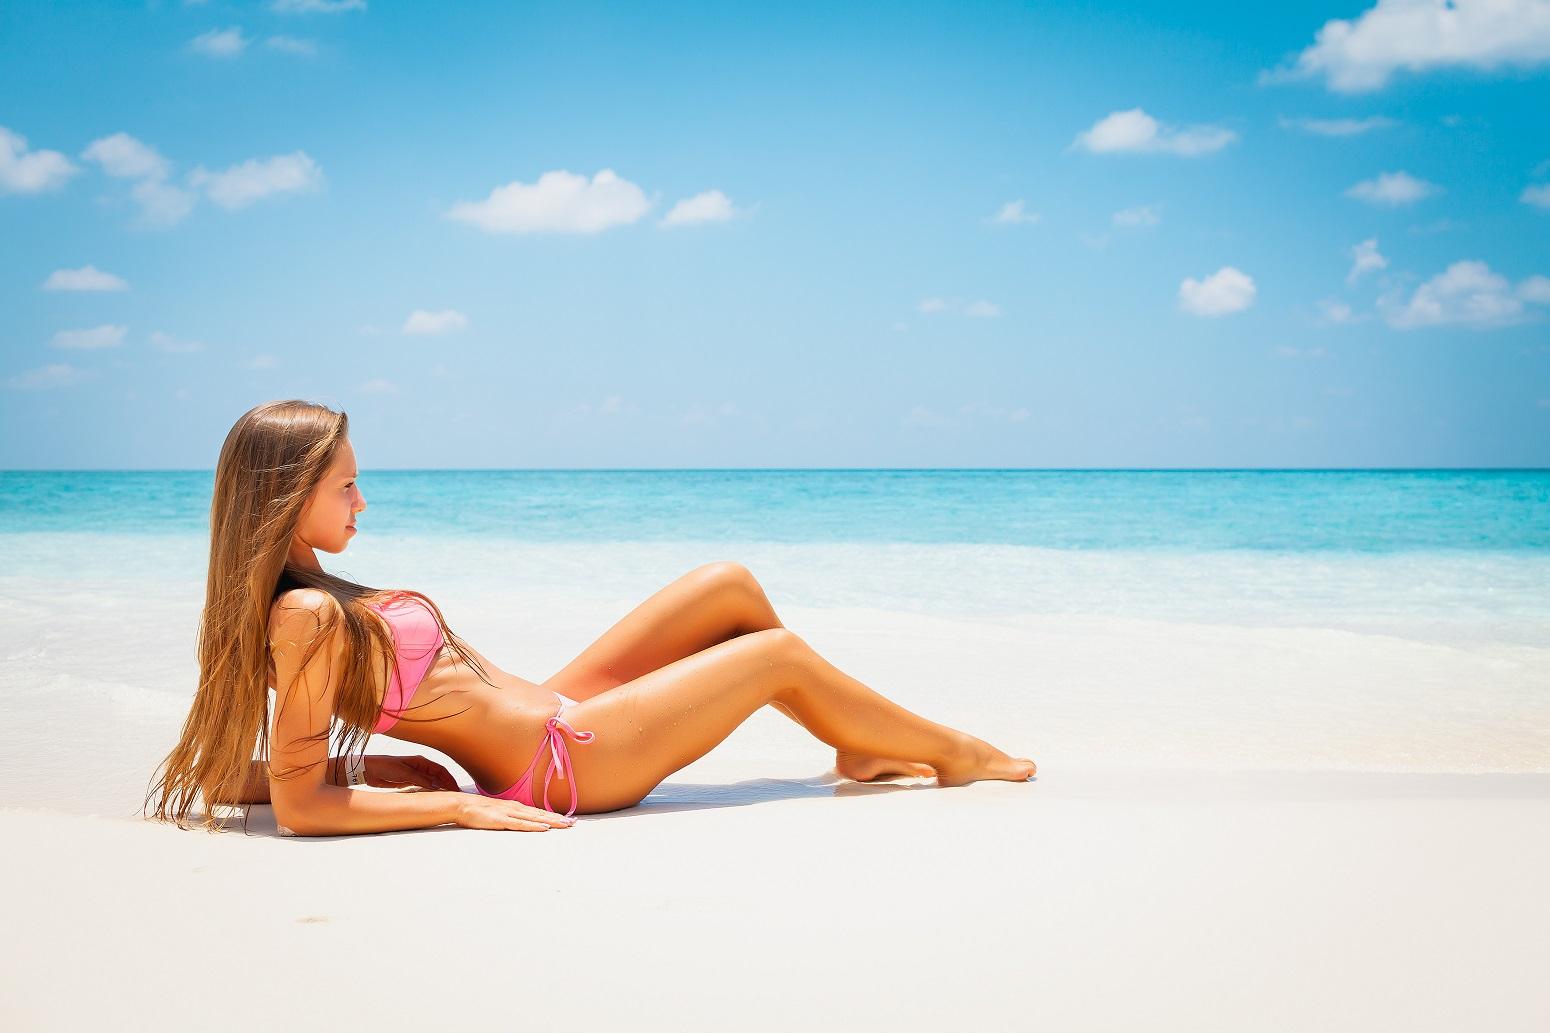 chica guapa playa